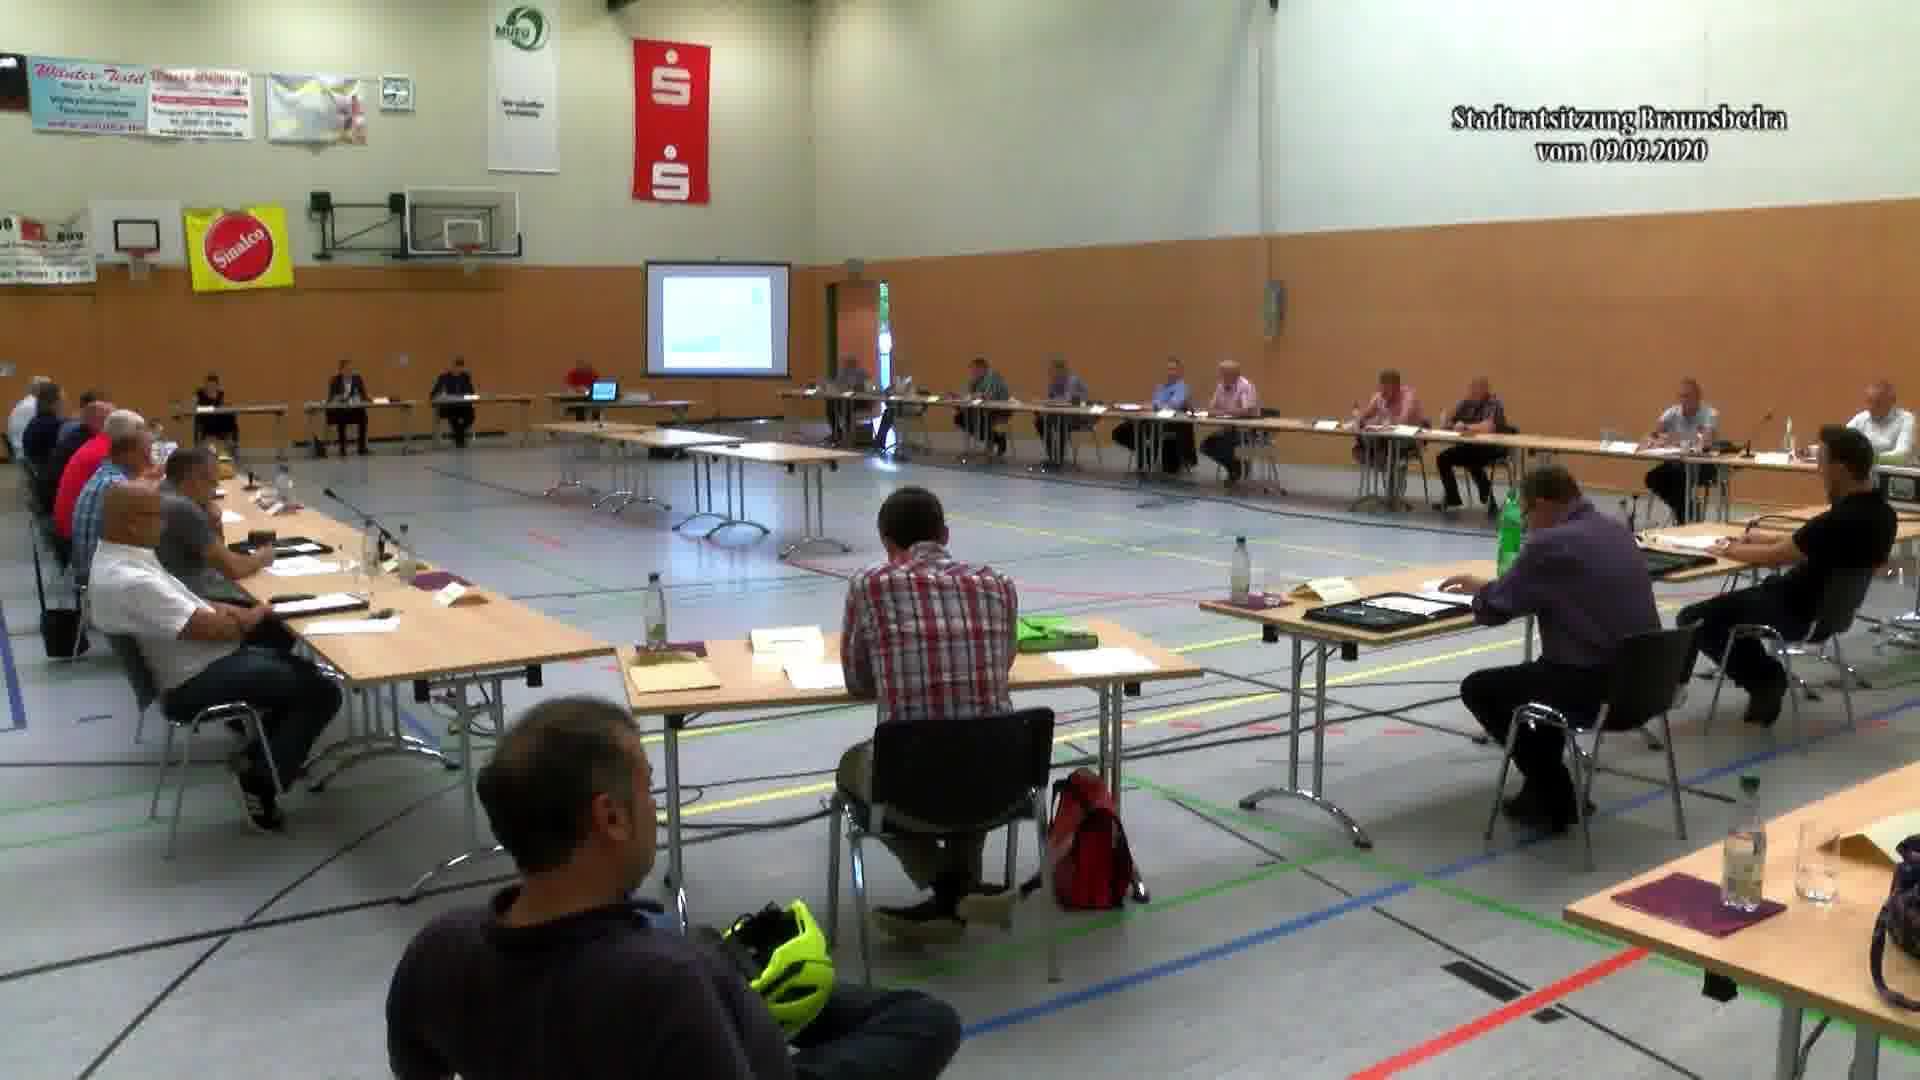 Sitzung des Stadtrates der Stadt Braunsbedra vom 9. September 2020